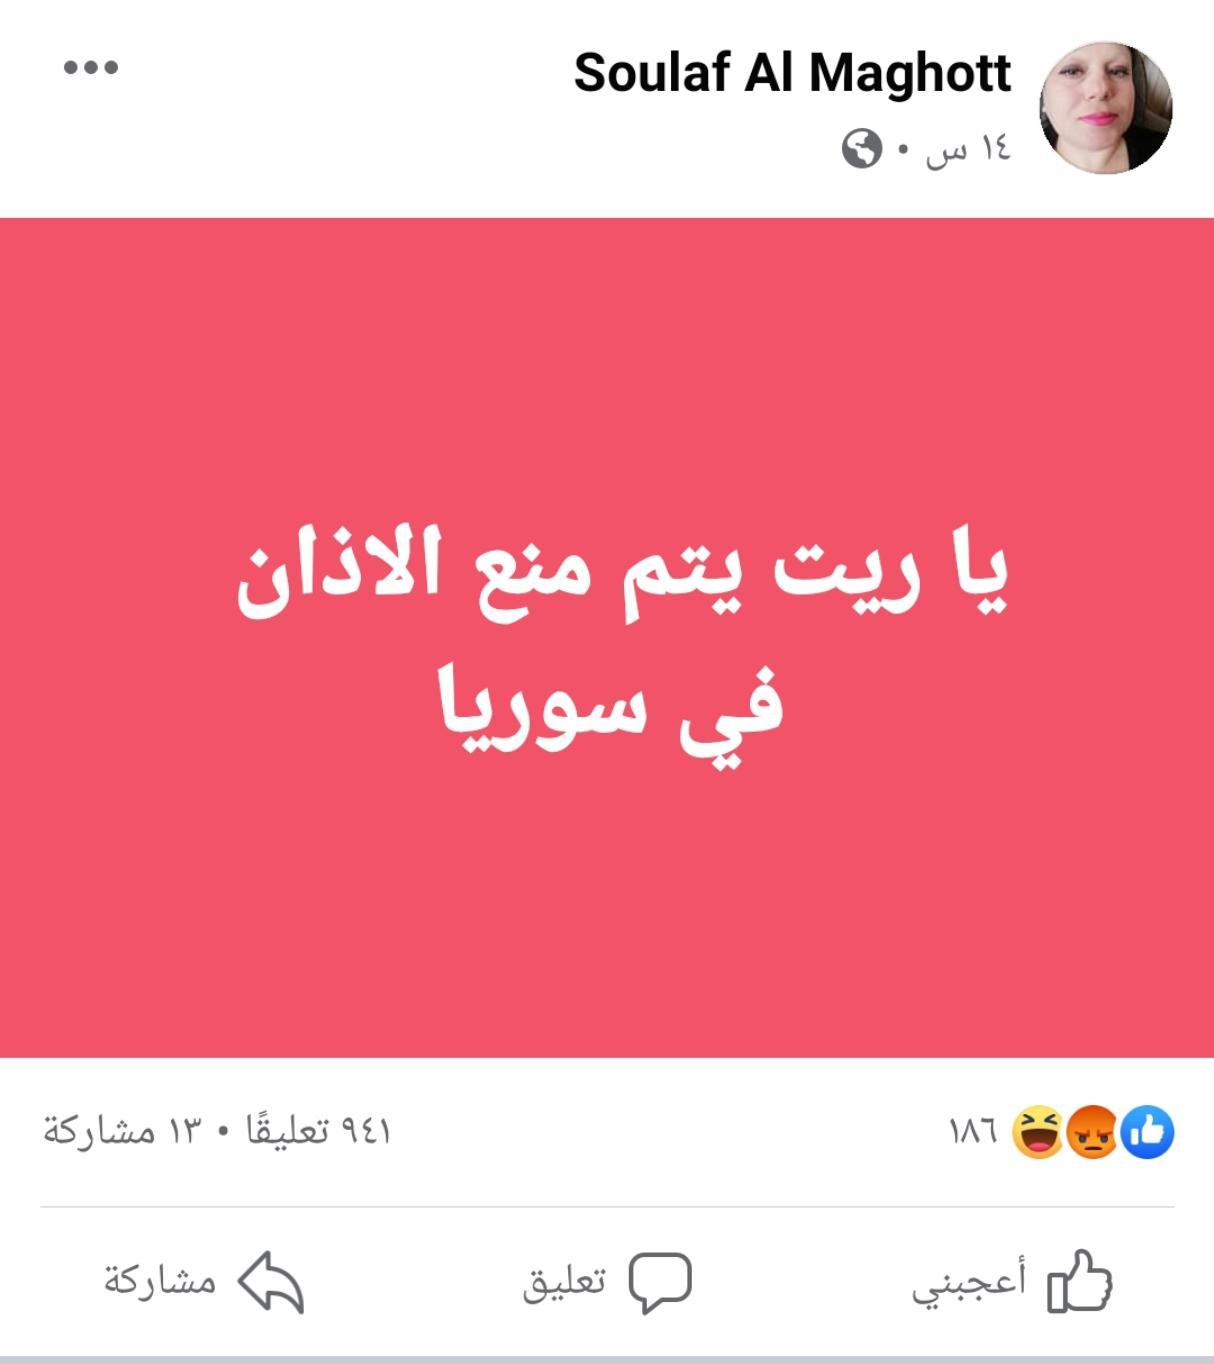 سلاف الماغوط ابنة الأديب محمد تغضب المسلمين السوريين